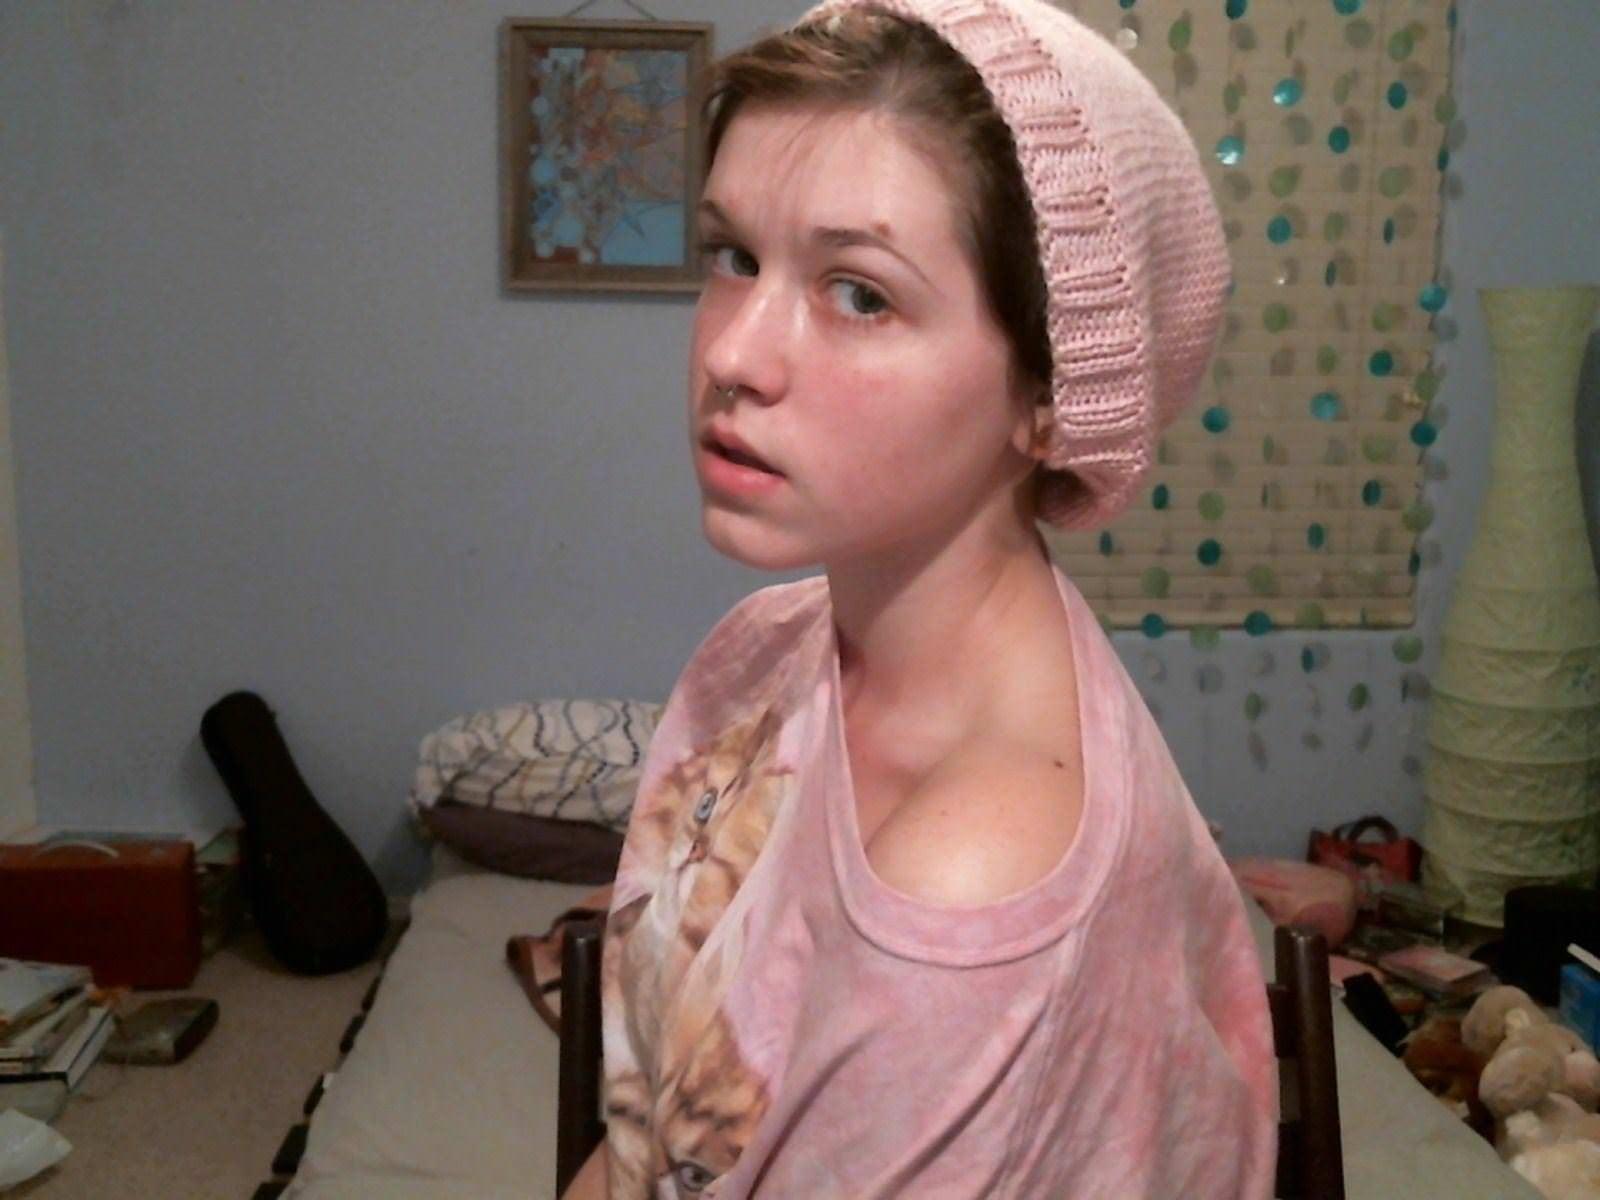 【外人】メンヘラロシアン女子大生がアナルをライブチャットでガッツリ公開中なポルノ画像 11301